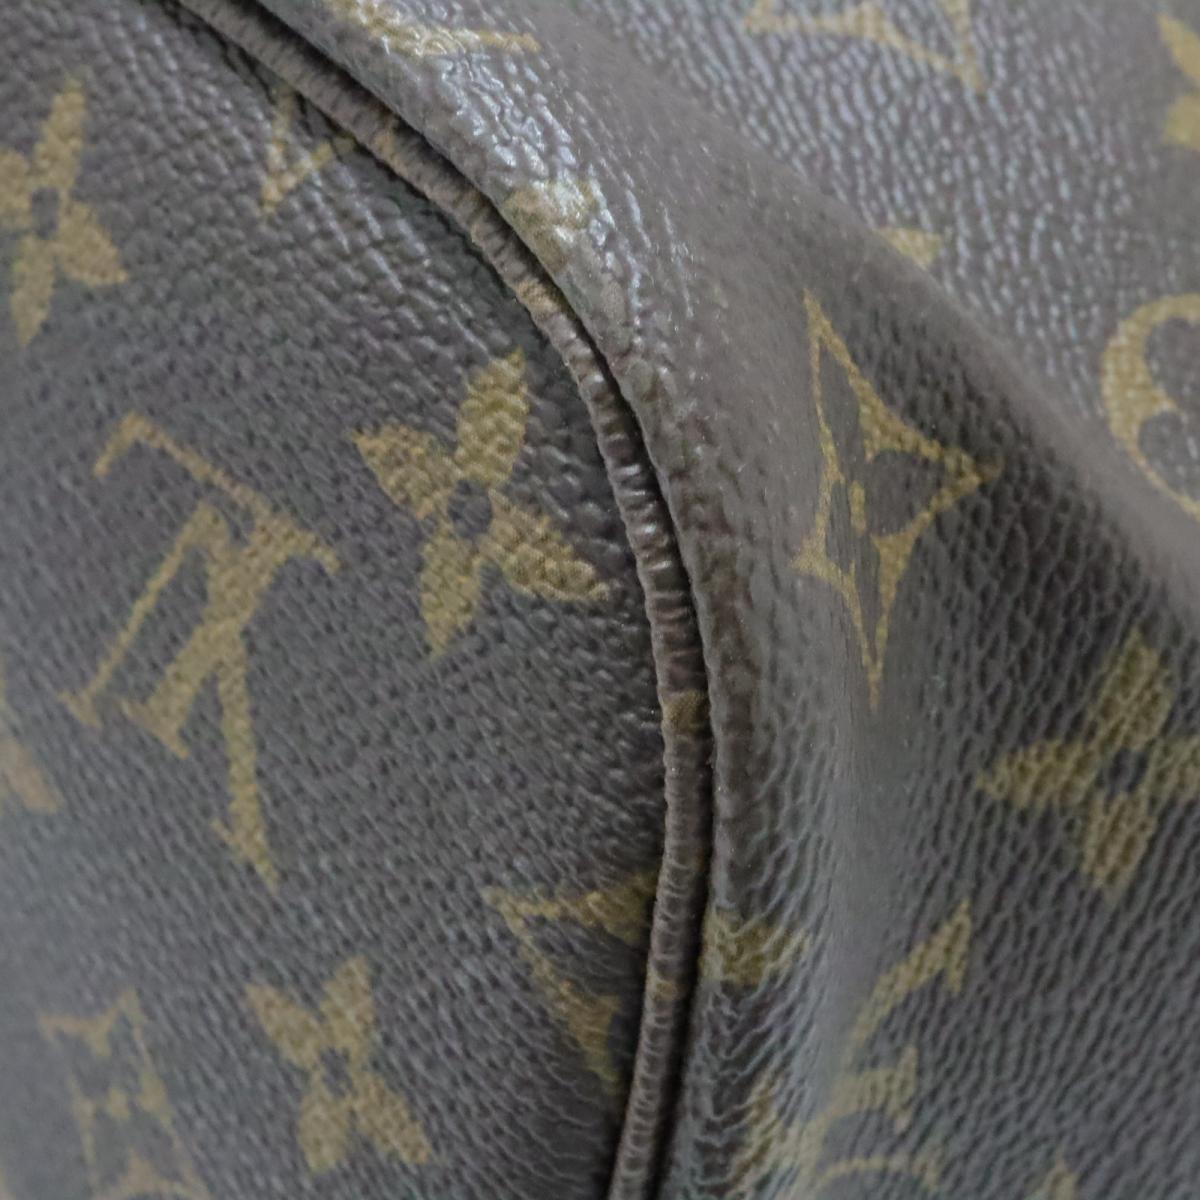 ルイヴィトン ネヴァーフルMM トートバッグ レディース モノグラムM40156LOUIS VUITTON ブランドオフ ヴィトン ビトン ルイ・ヴィトン ブランド ブランドバッグ ブランドバック バッグ バック トートバック トIYm6bf7vgy